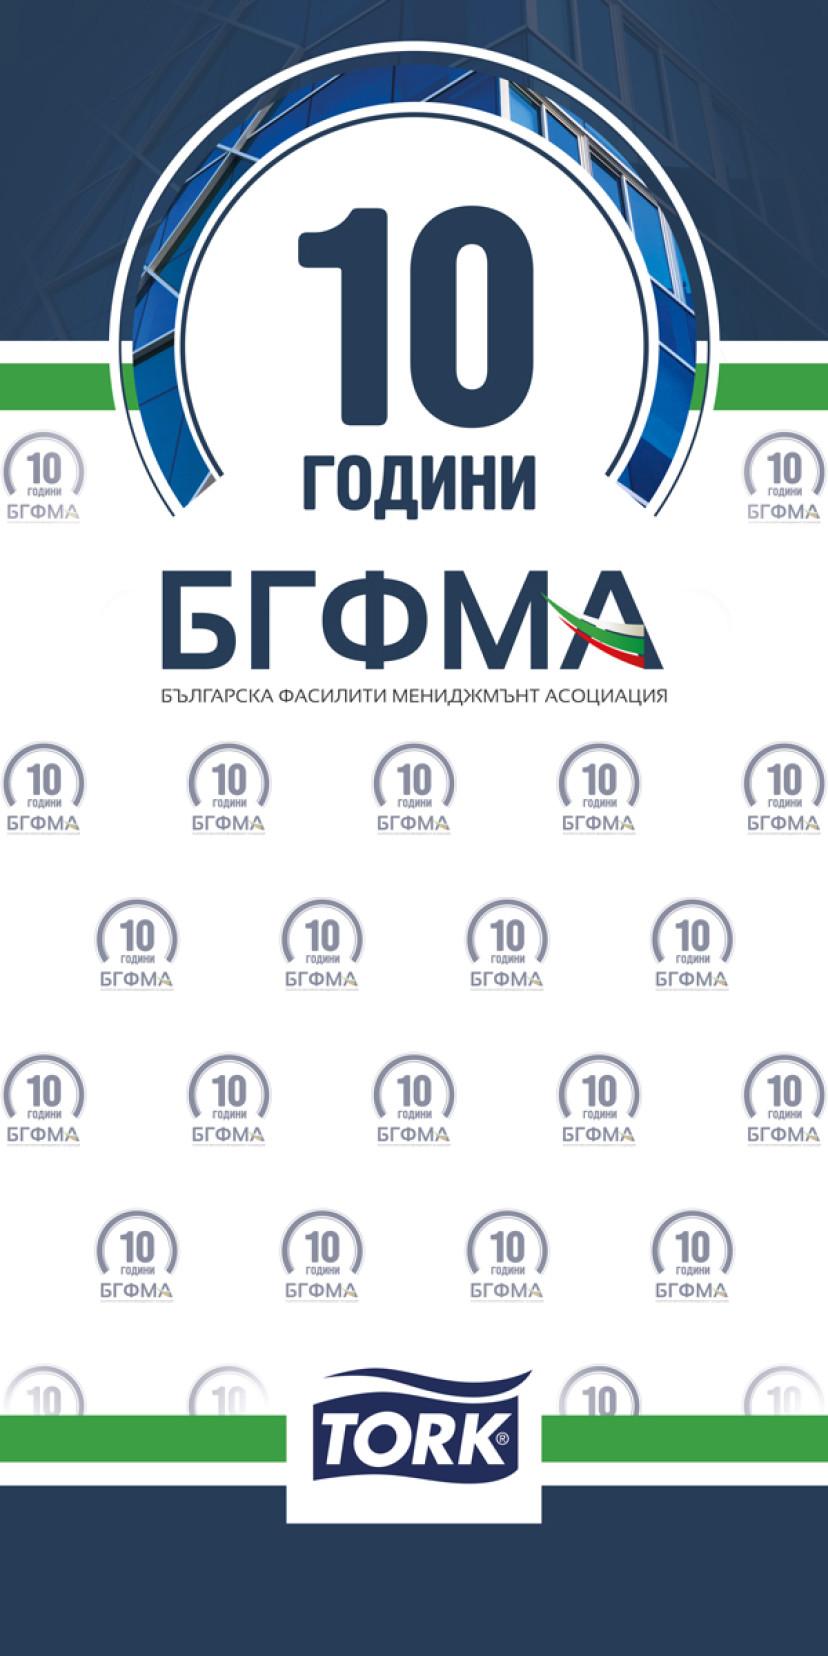 10-та годишнина на БГФМА